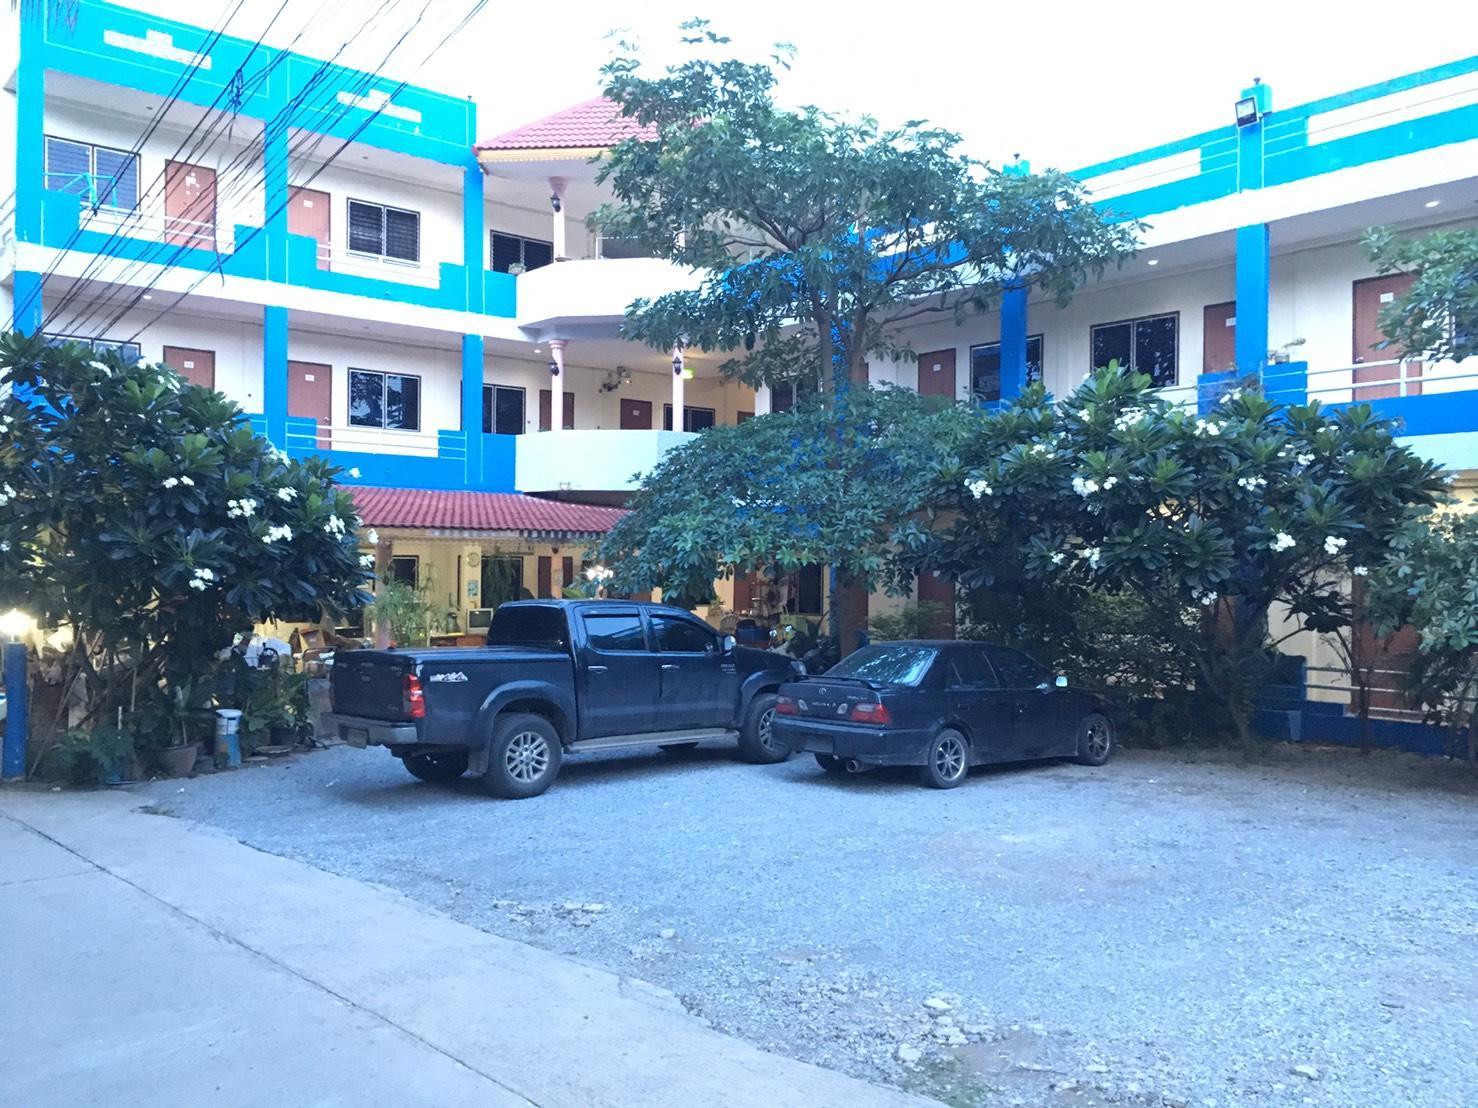 The 99 Inn Hotel